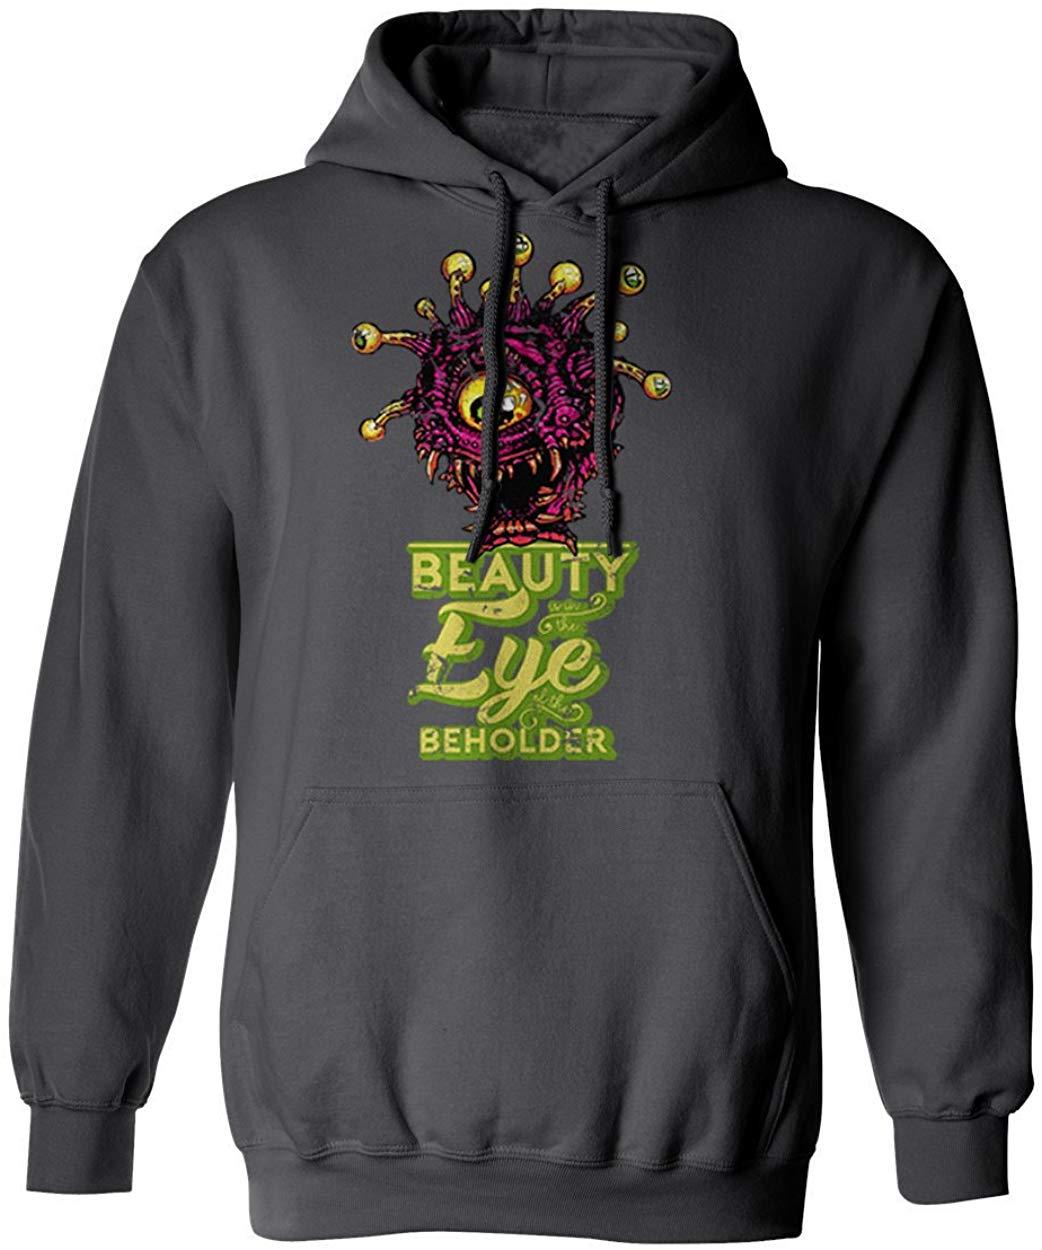 Nova novidade camiseta nova camisa d & d beholder hoodie dos homens com capuz moletom com capuz